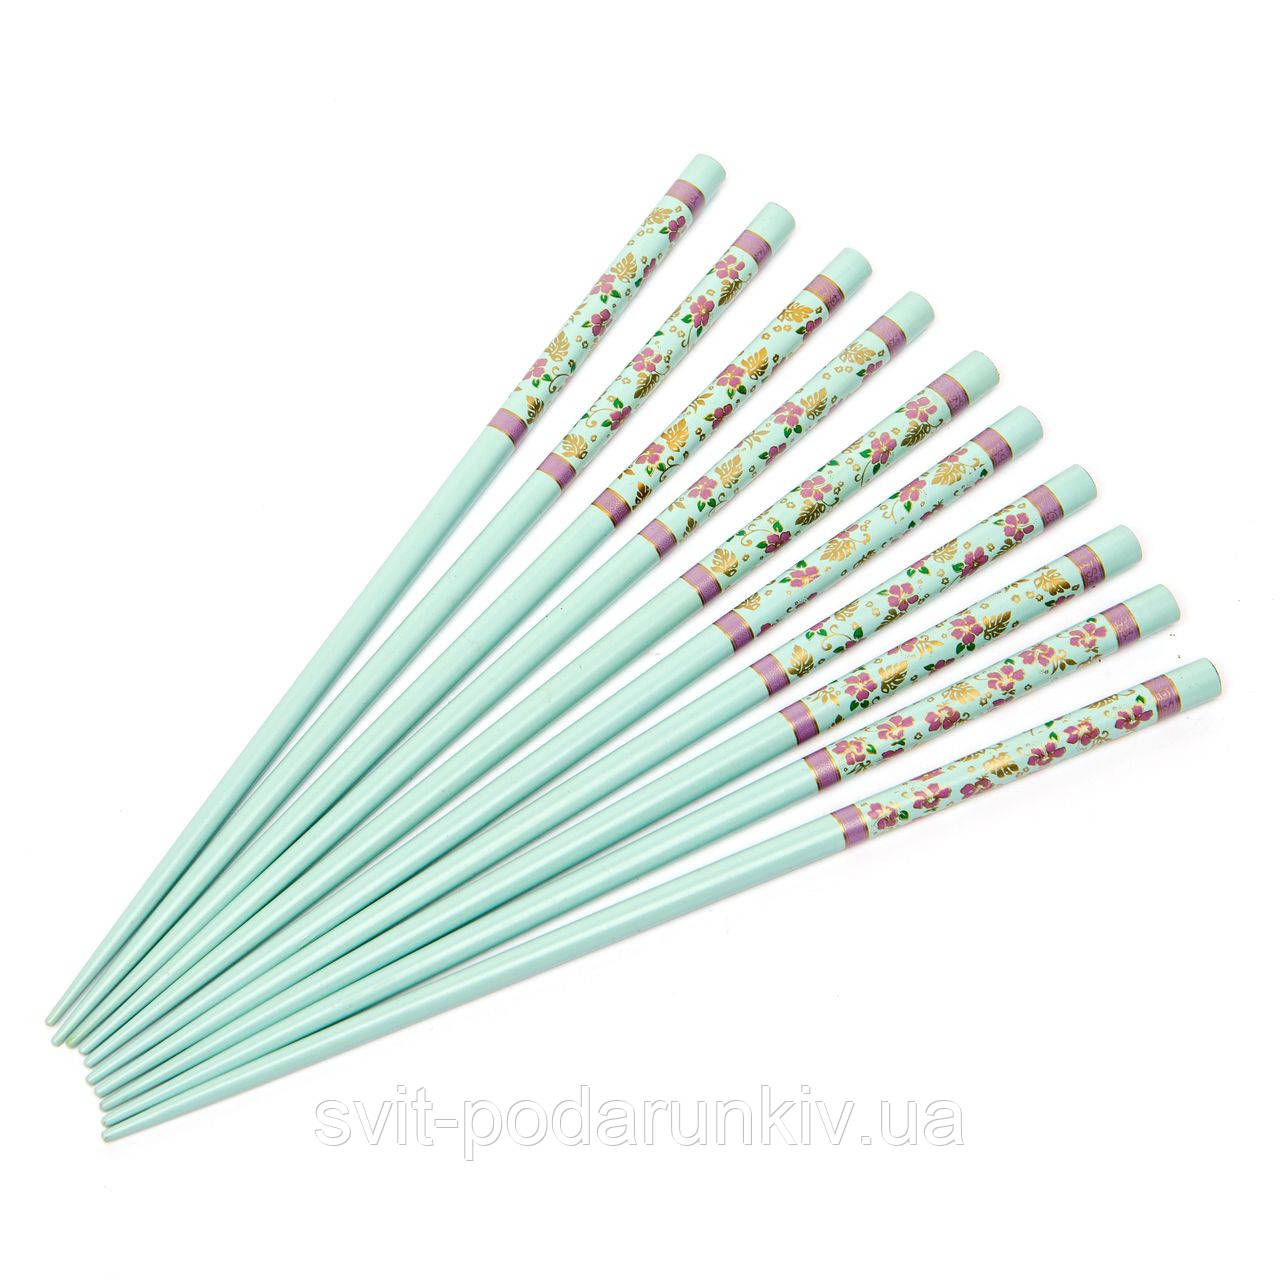 Набор палочек для суши голубой с сакурой на 5 персон 19